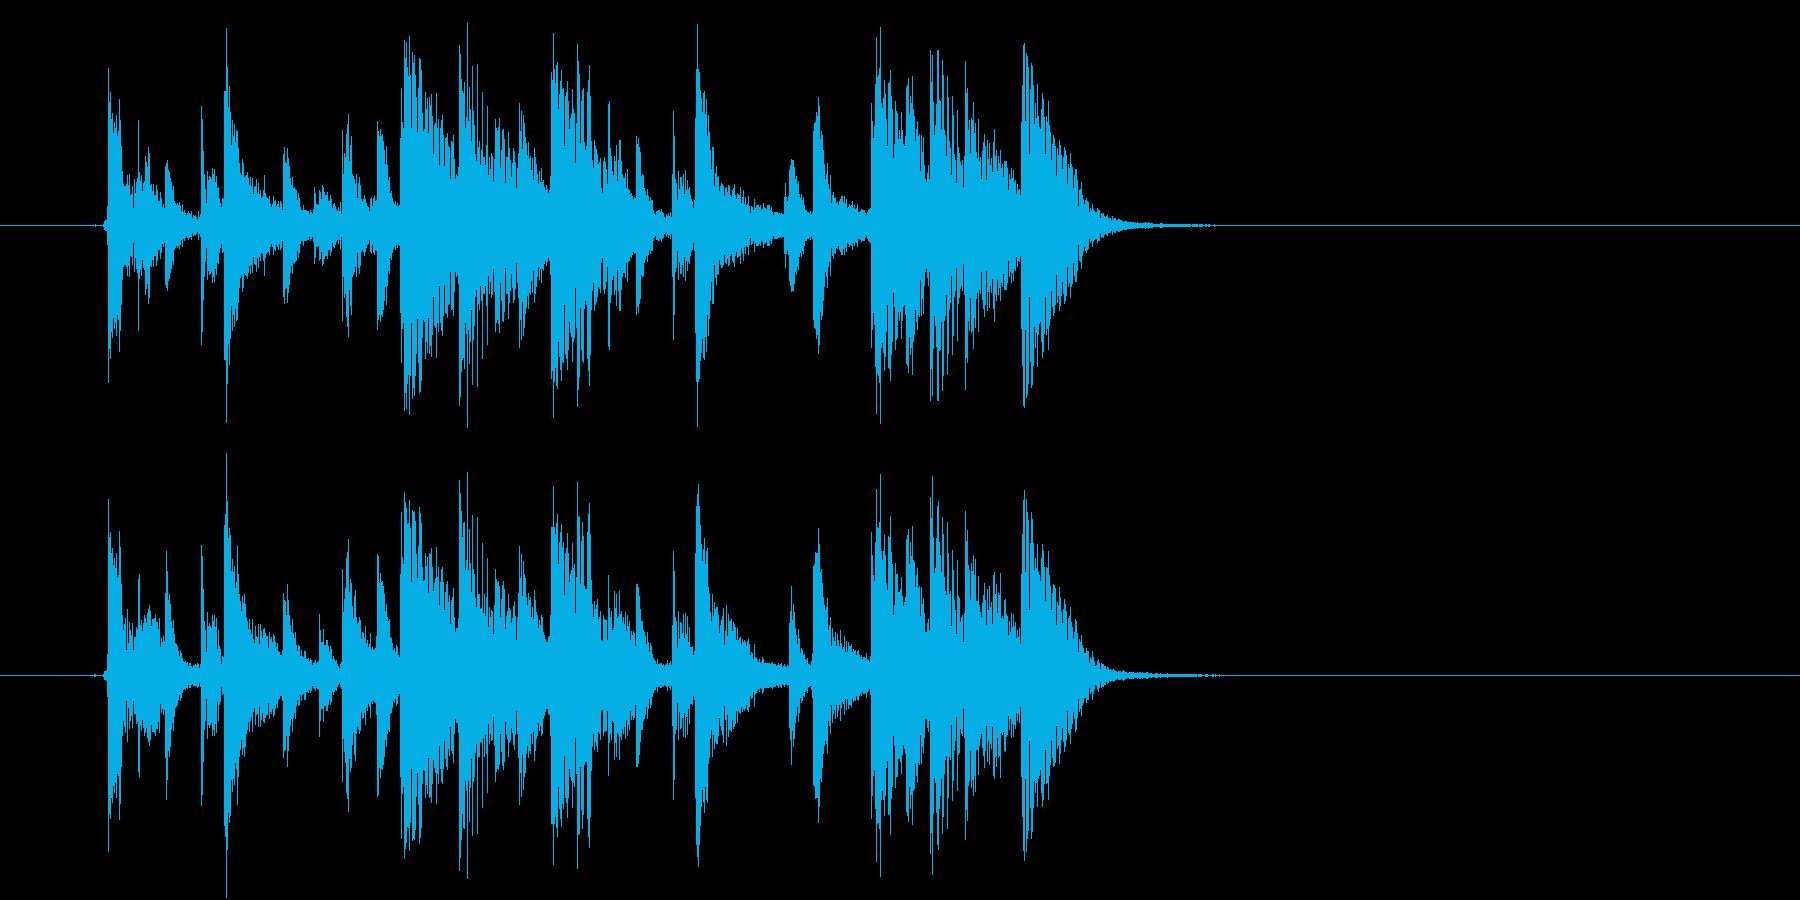 緩やかでマイナーなテクノポップジングルの再生済みの波形